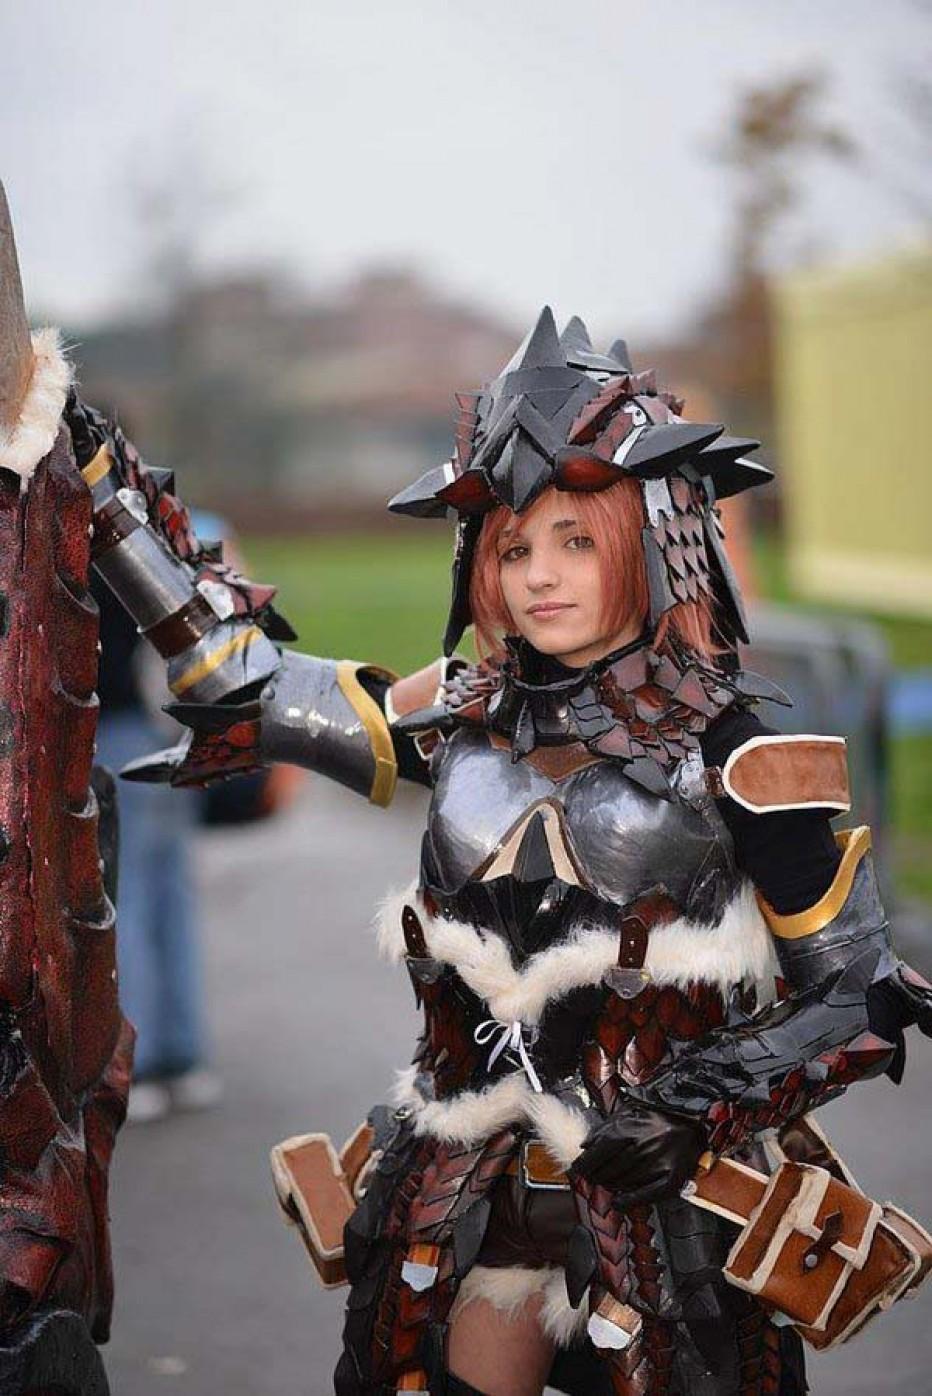 rathalos_monster_hunter_cosplay_by_kickacosplay-d5lqb4p.jpg